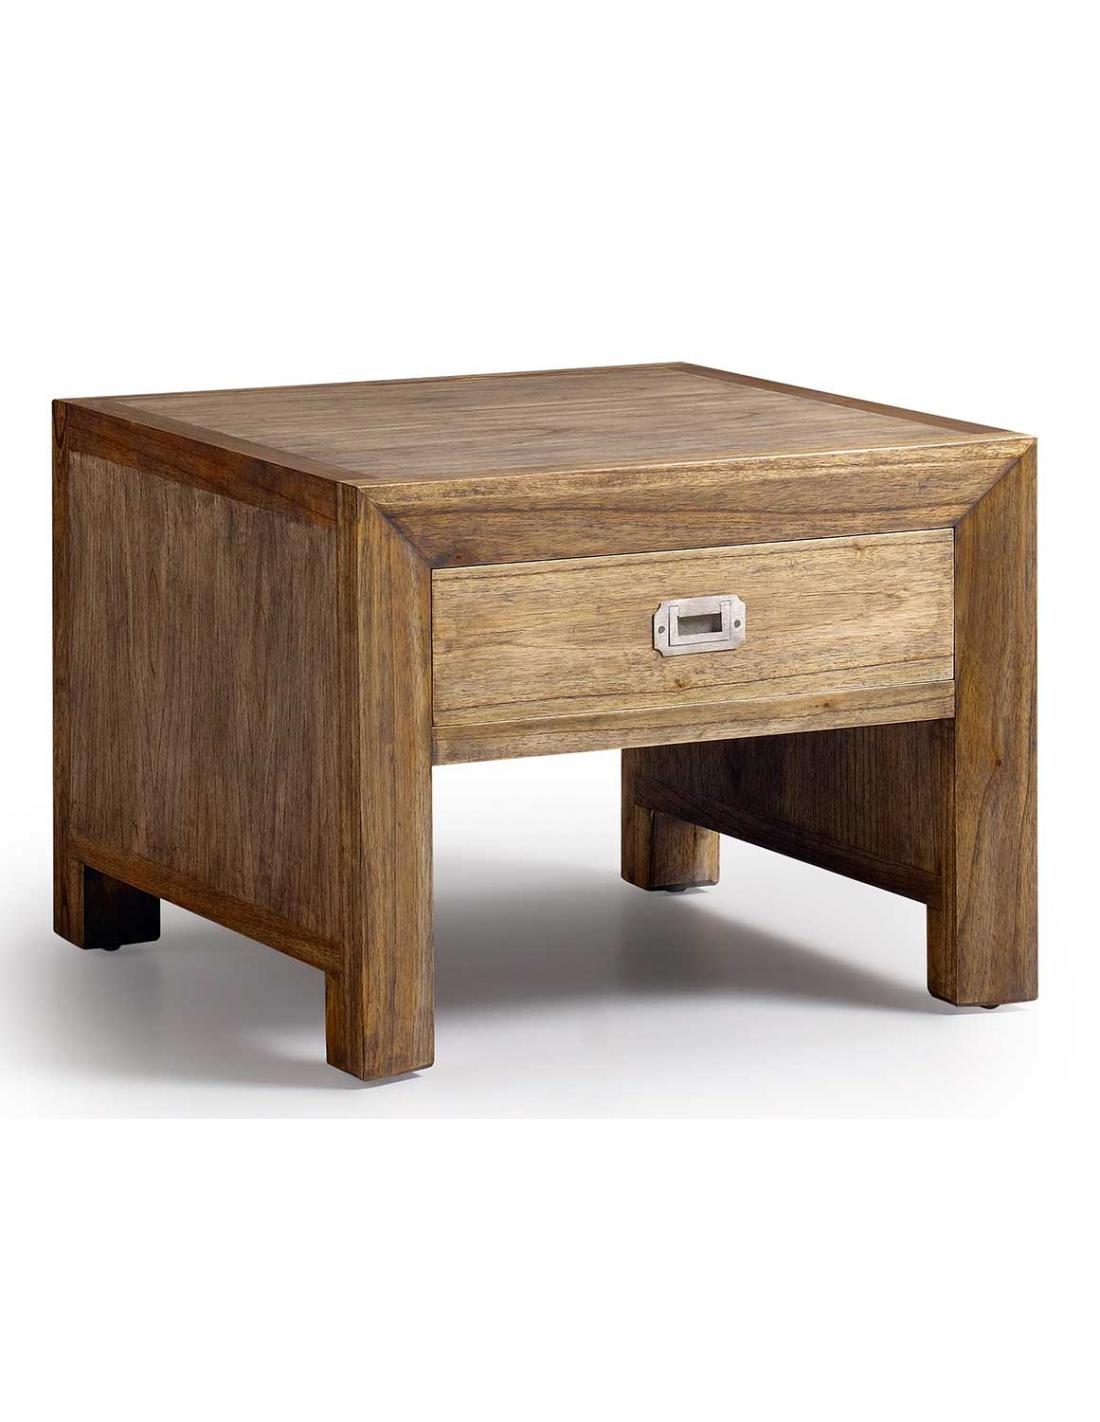 Comprar mesa de rinc n merapi con caj n - Mesas de rincon ...